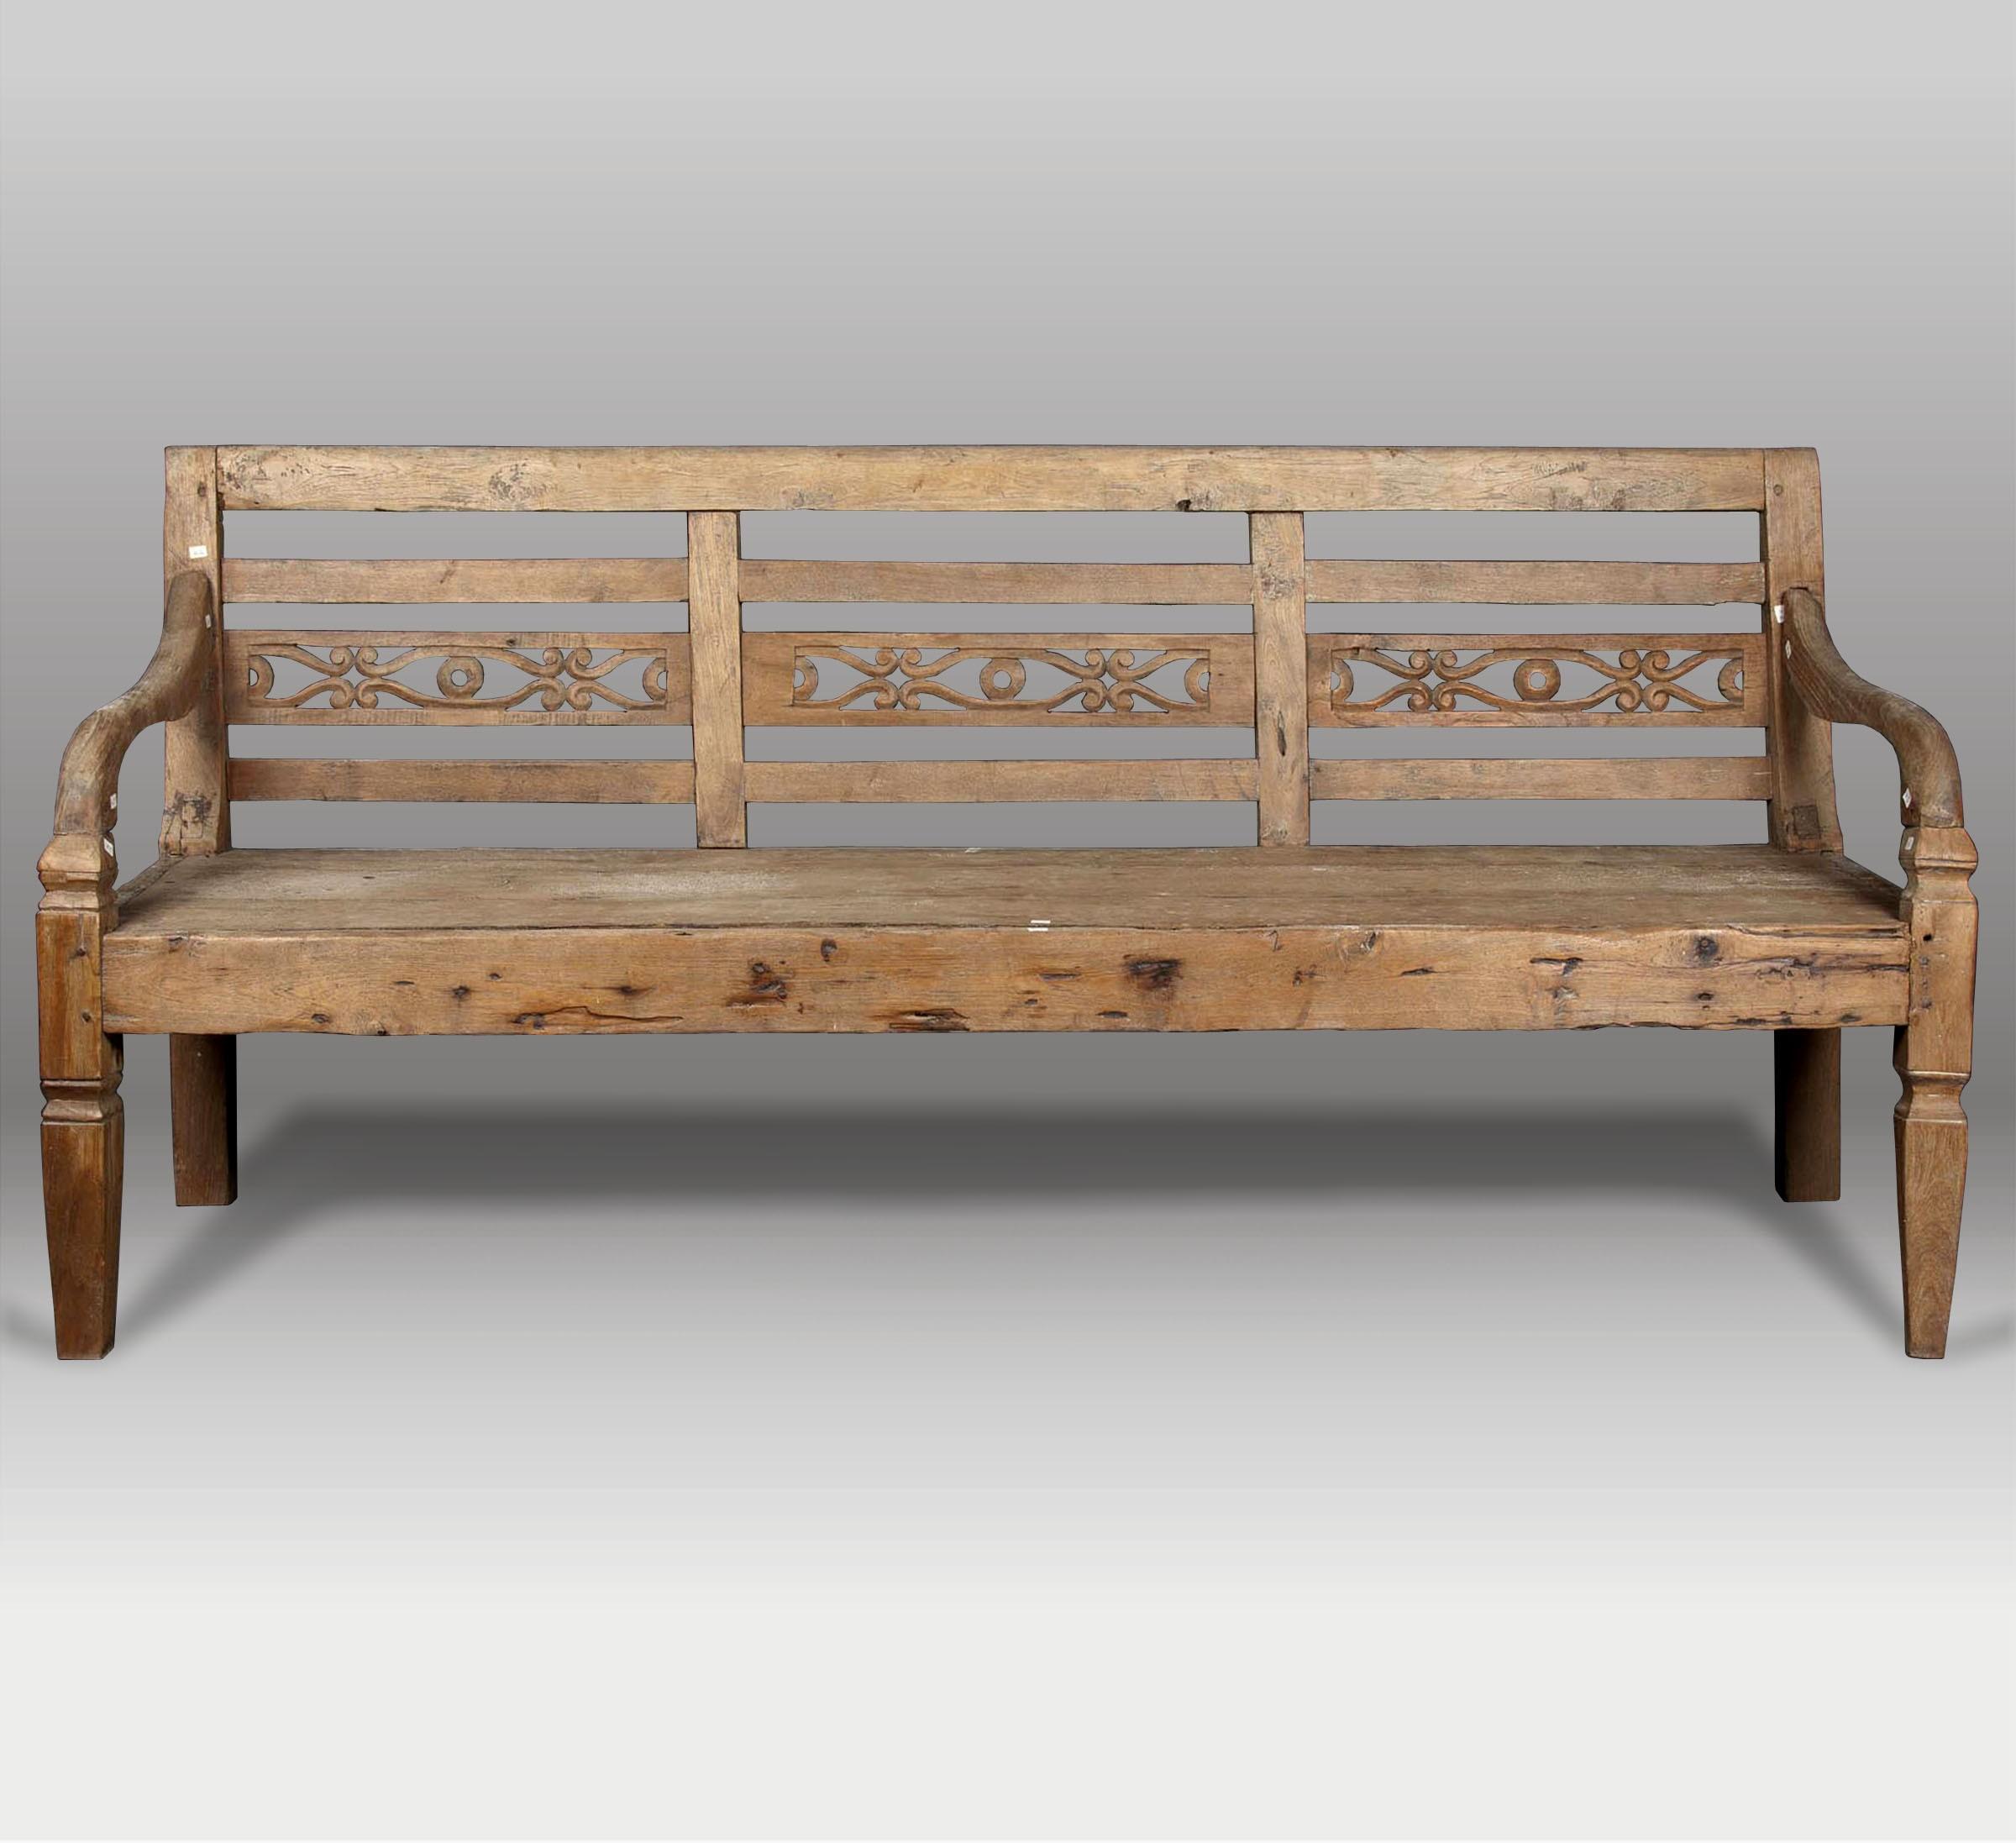 Banco madera exterior conjunto de mesa y banco moderno de - Bancos madera exterior ...